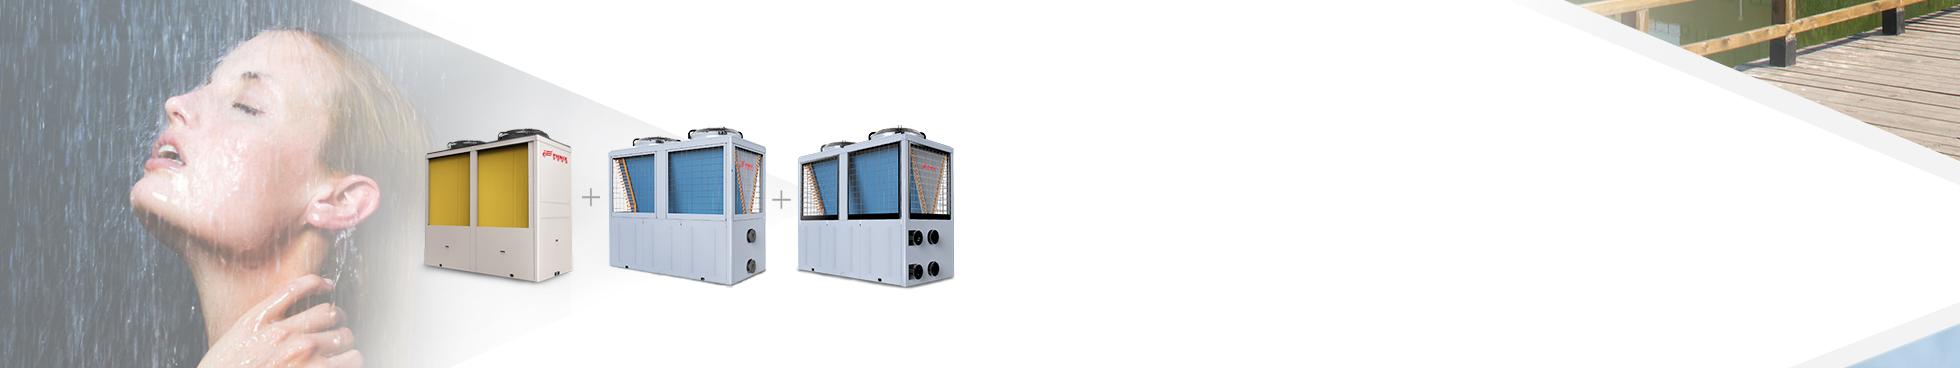 北极星超低温空气能热泵+循环热水机+直热热水机:冬天的生活热水经历先由北极星超低温热泵加热,再由模块三联供再度加热热水的双模式设计,热水温更高更舒适